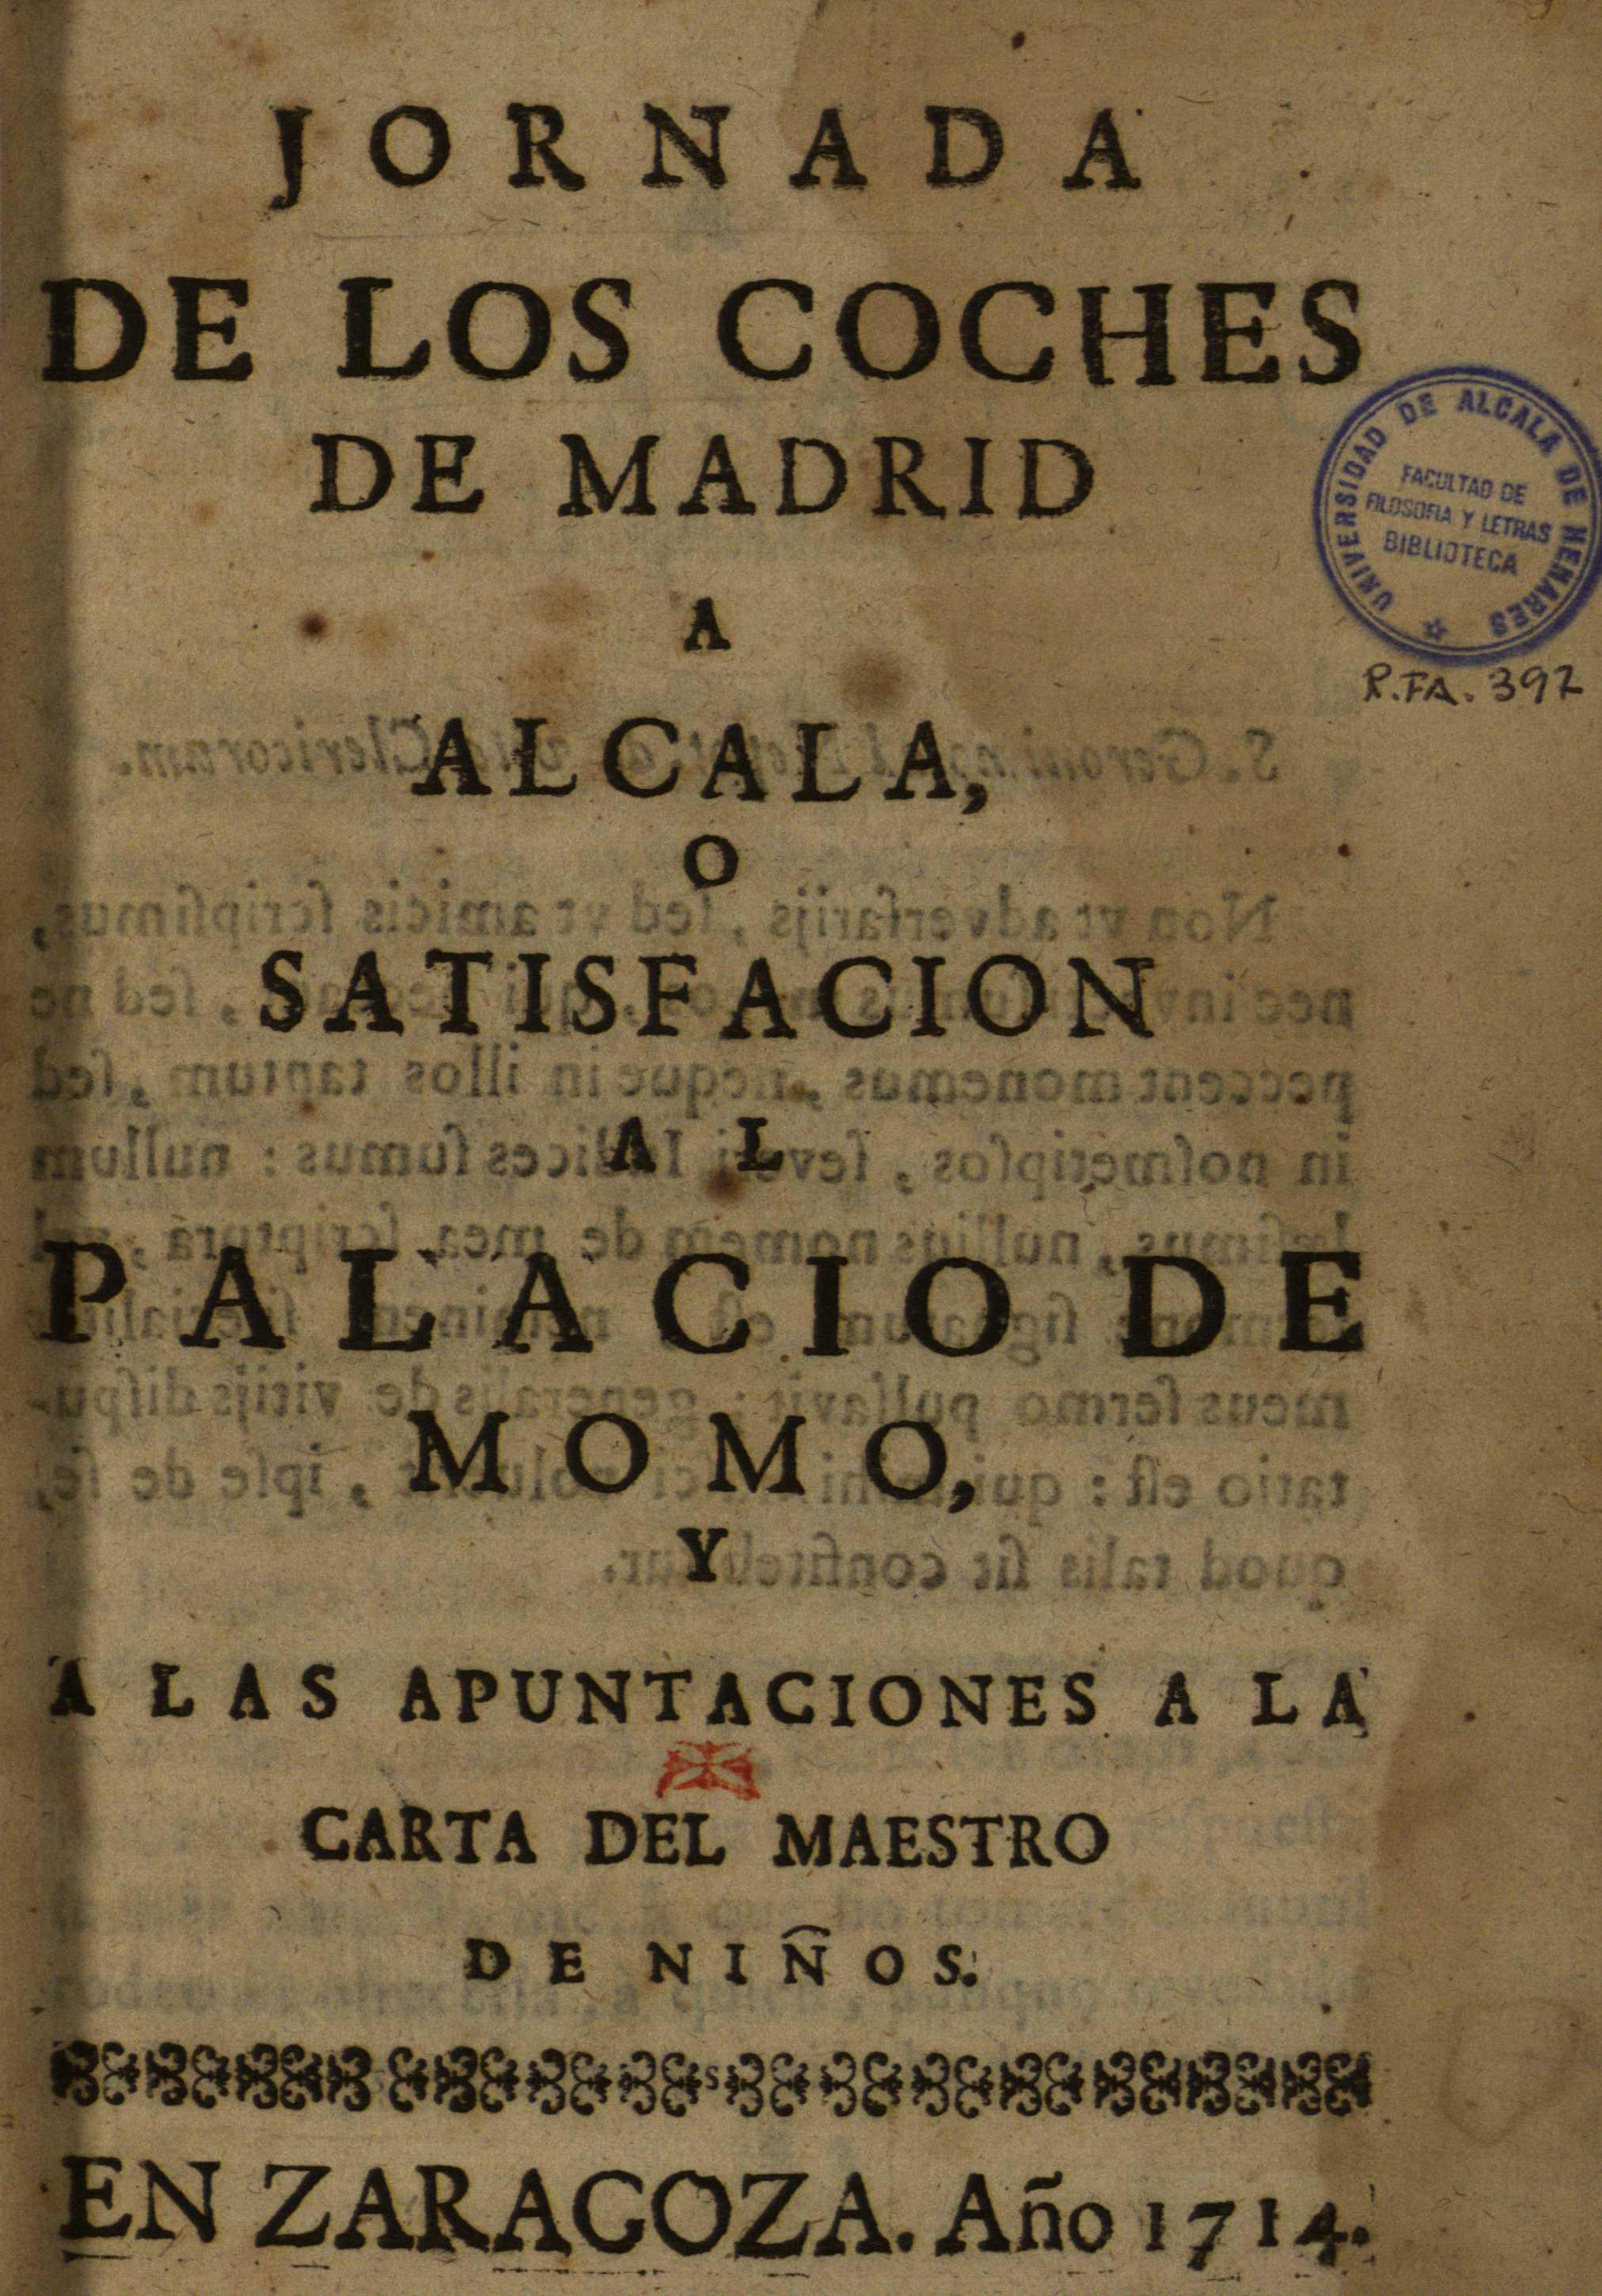 Jornada de los coches de Madrid a Alcala ..., 1714